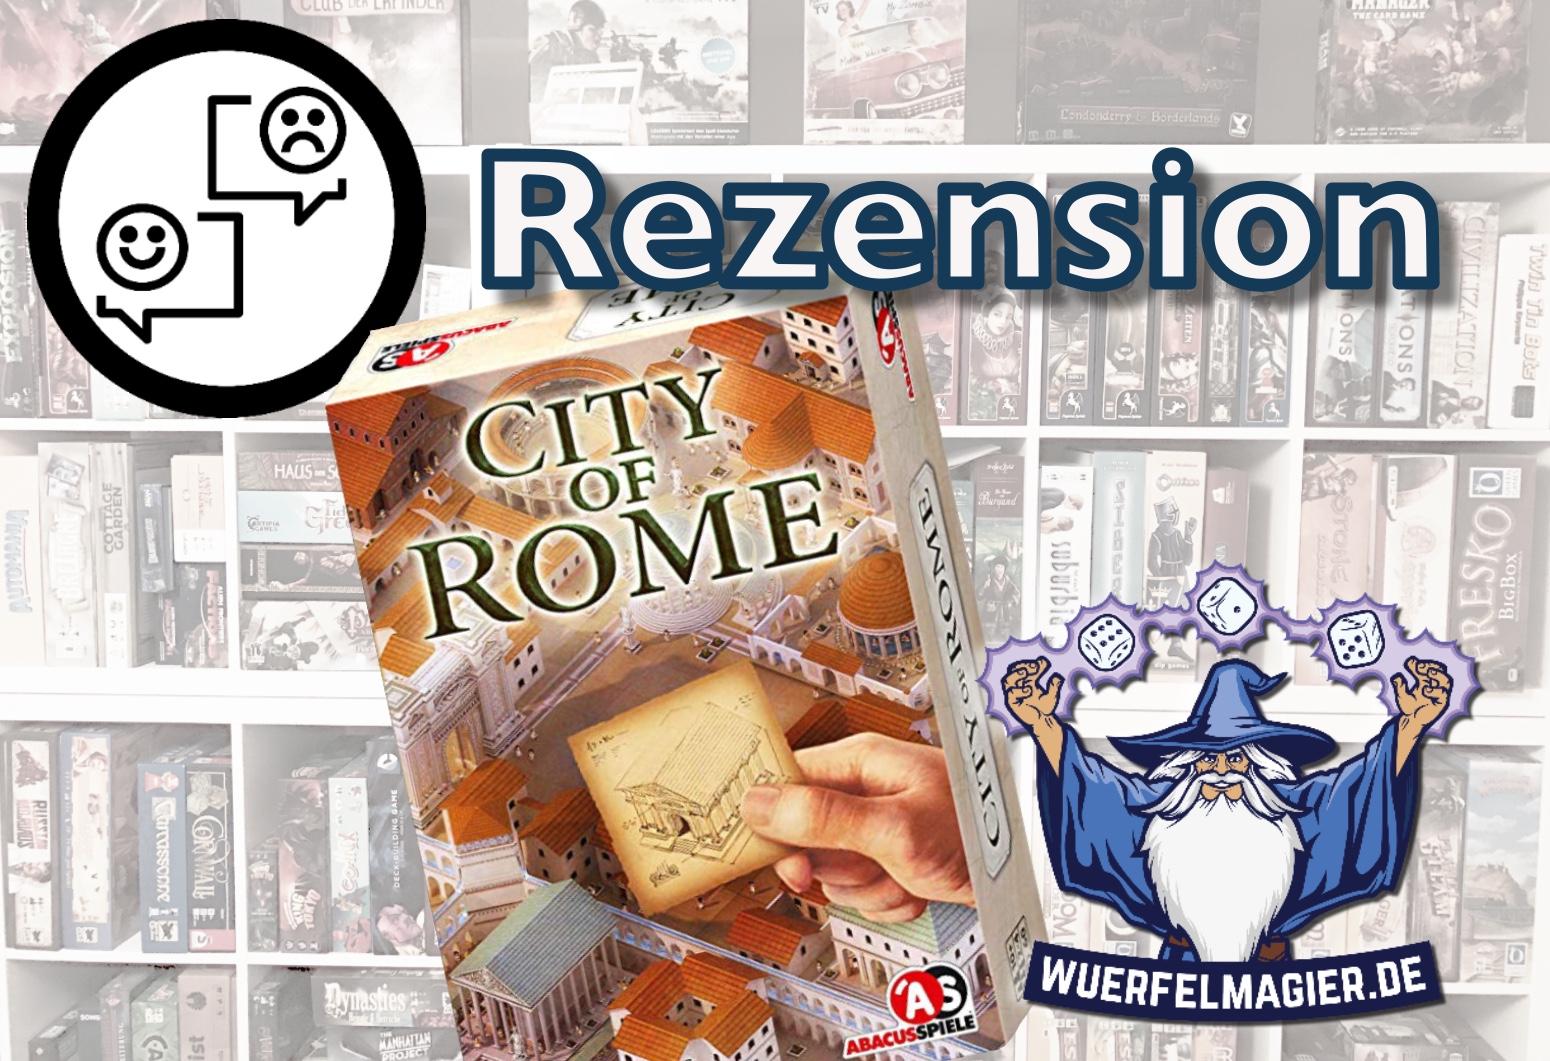 Rezension City of Rome Abacus Spiele Wuerfelmagier Würfelmagier